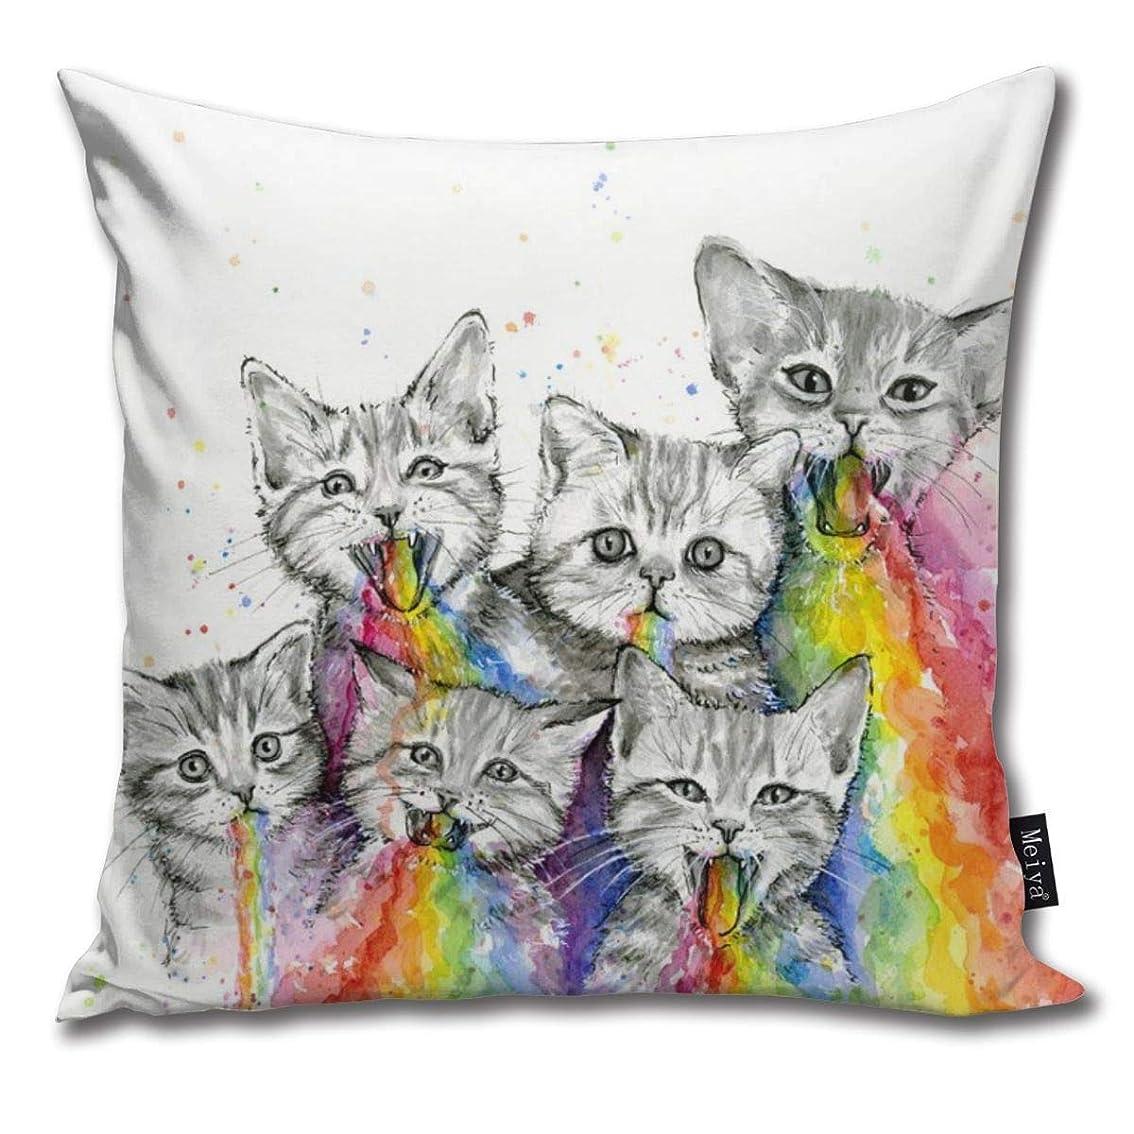 以内に短くするいわゆる枕子猫Puking Rainbowsの装飾枕カバーはソファとソファ用のクッションカバーを投げます45x45 cm